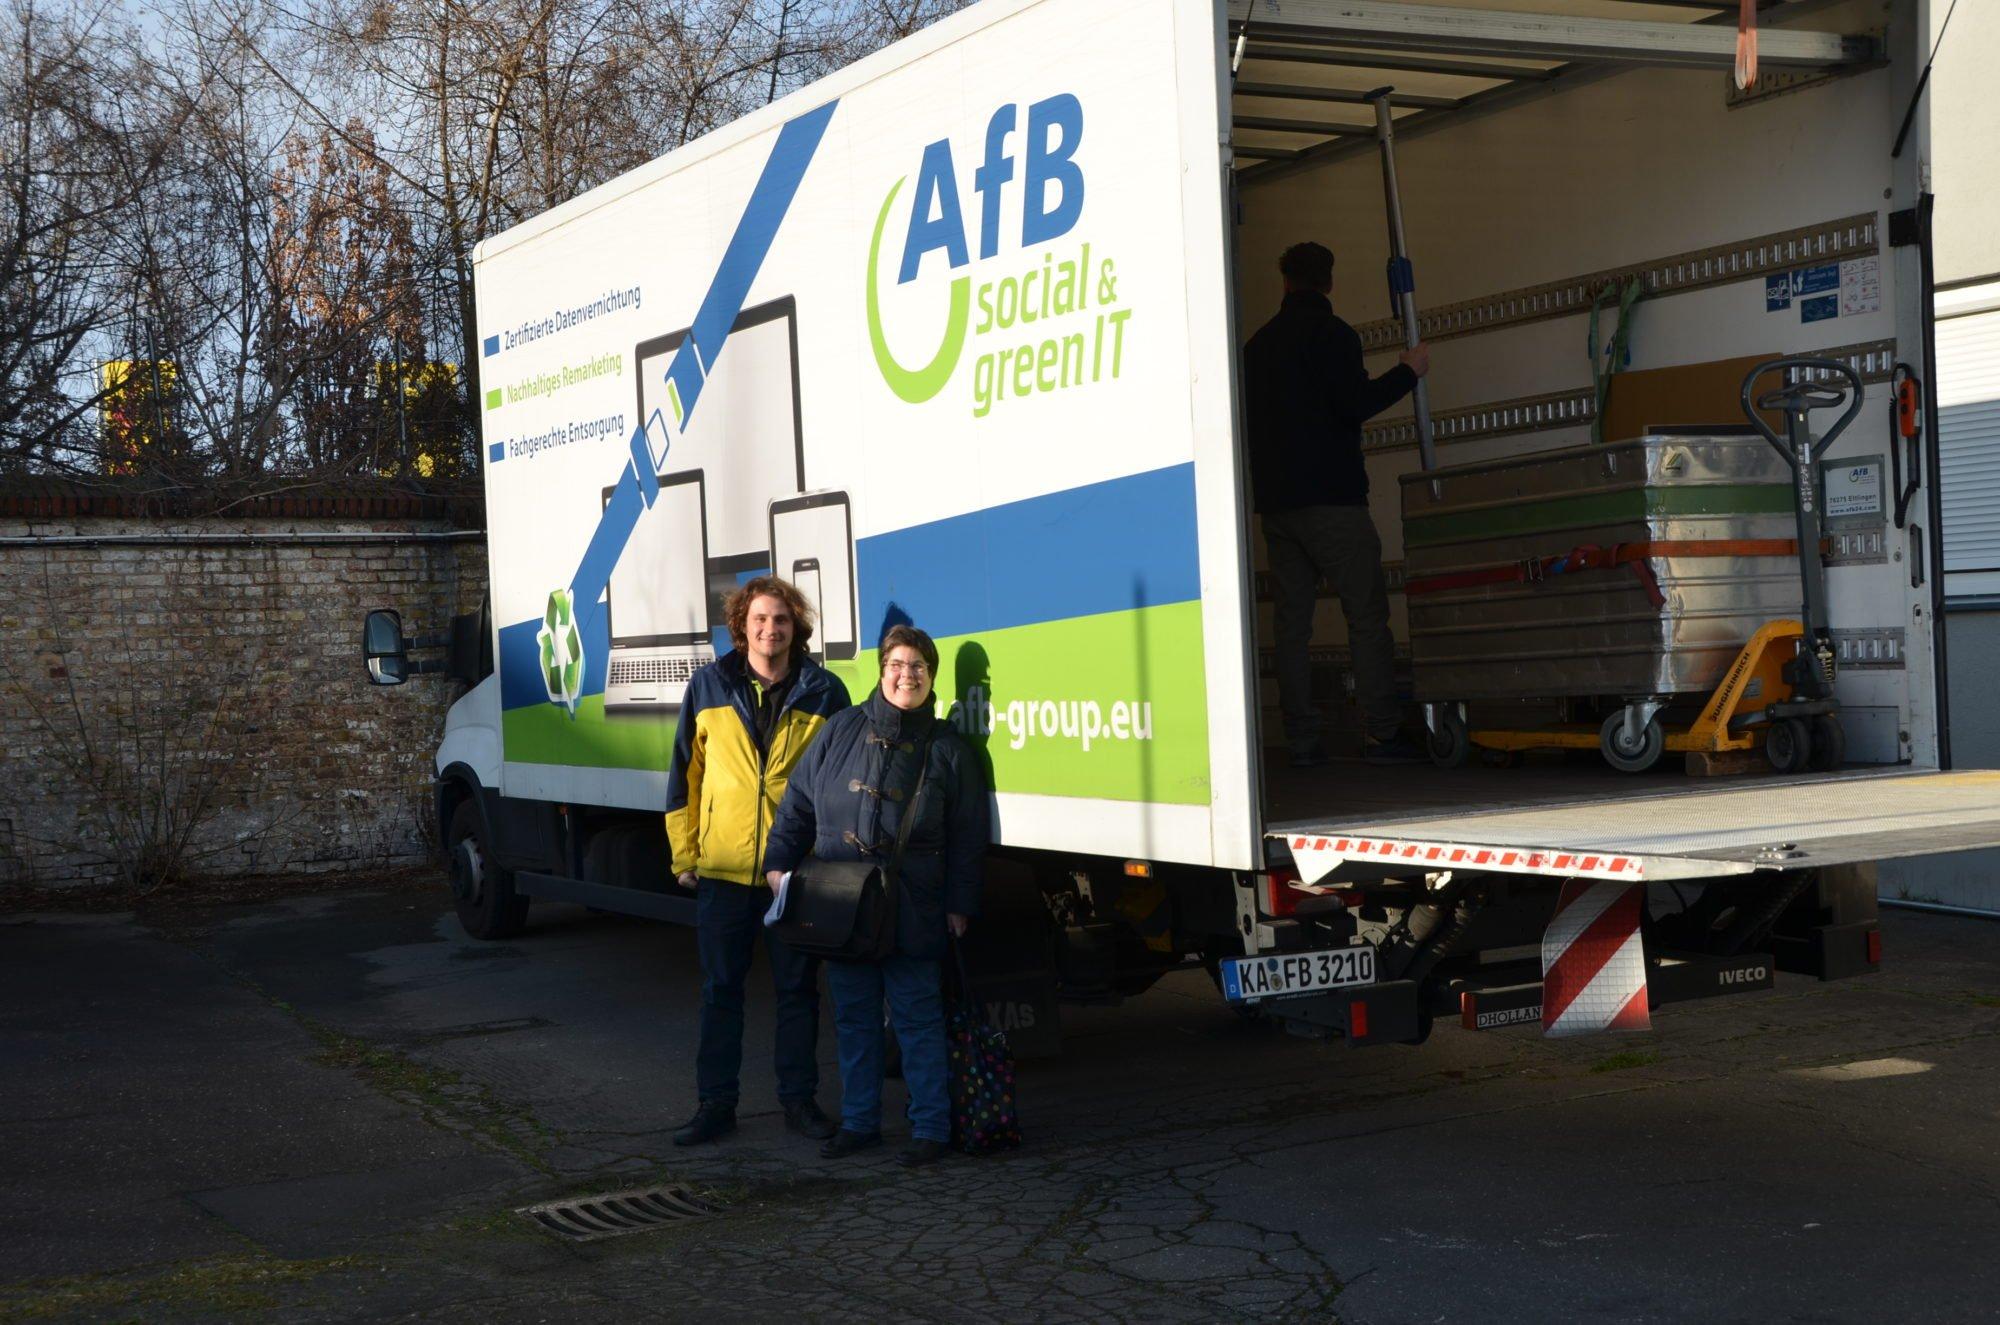 Zwei Personen stehen vor einem parkenden Lastwagen